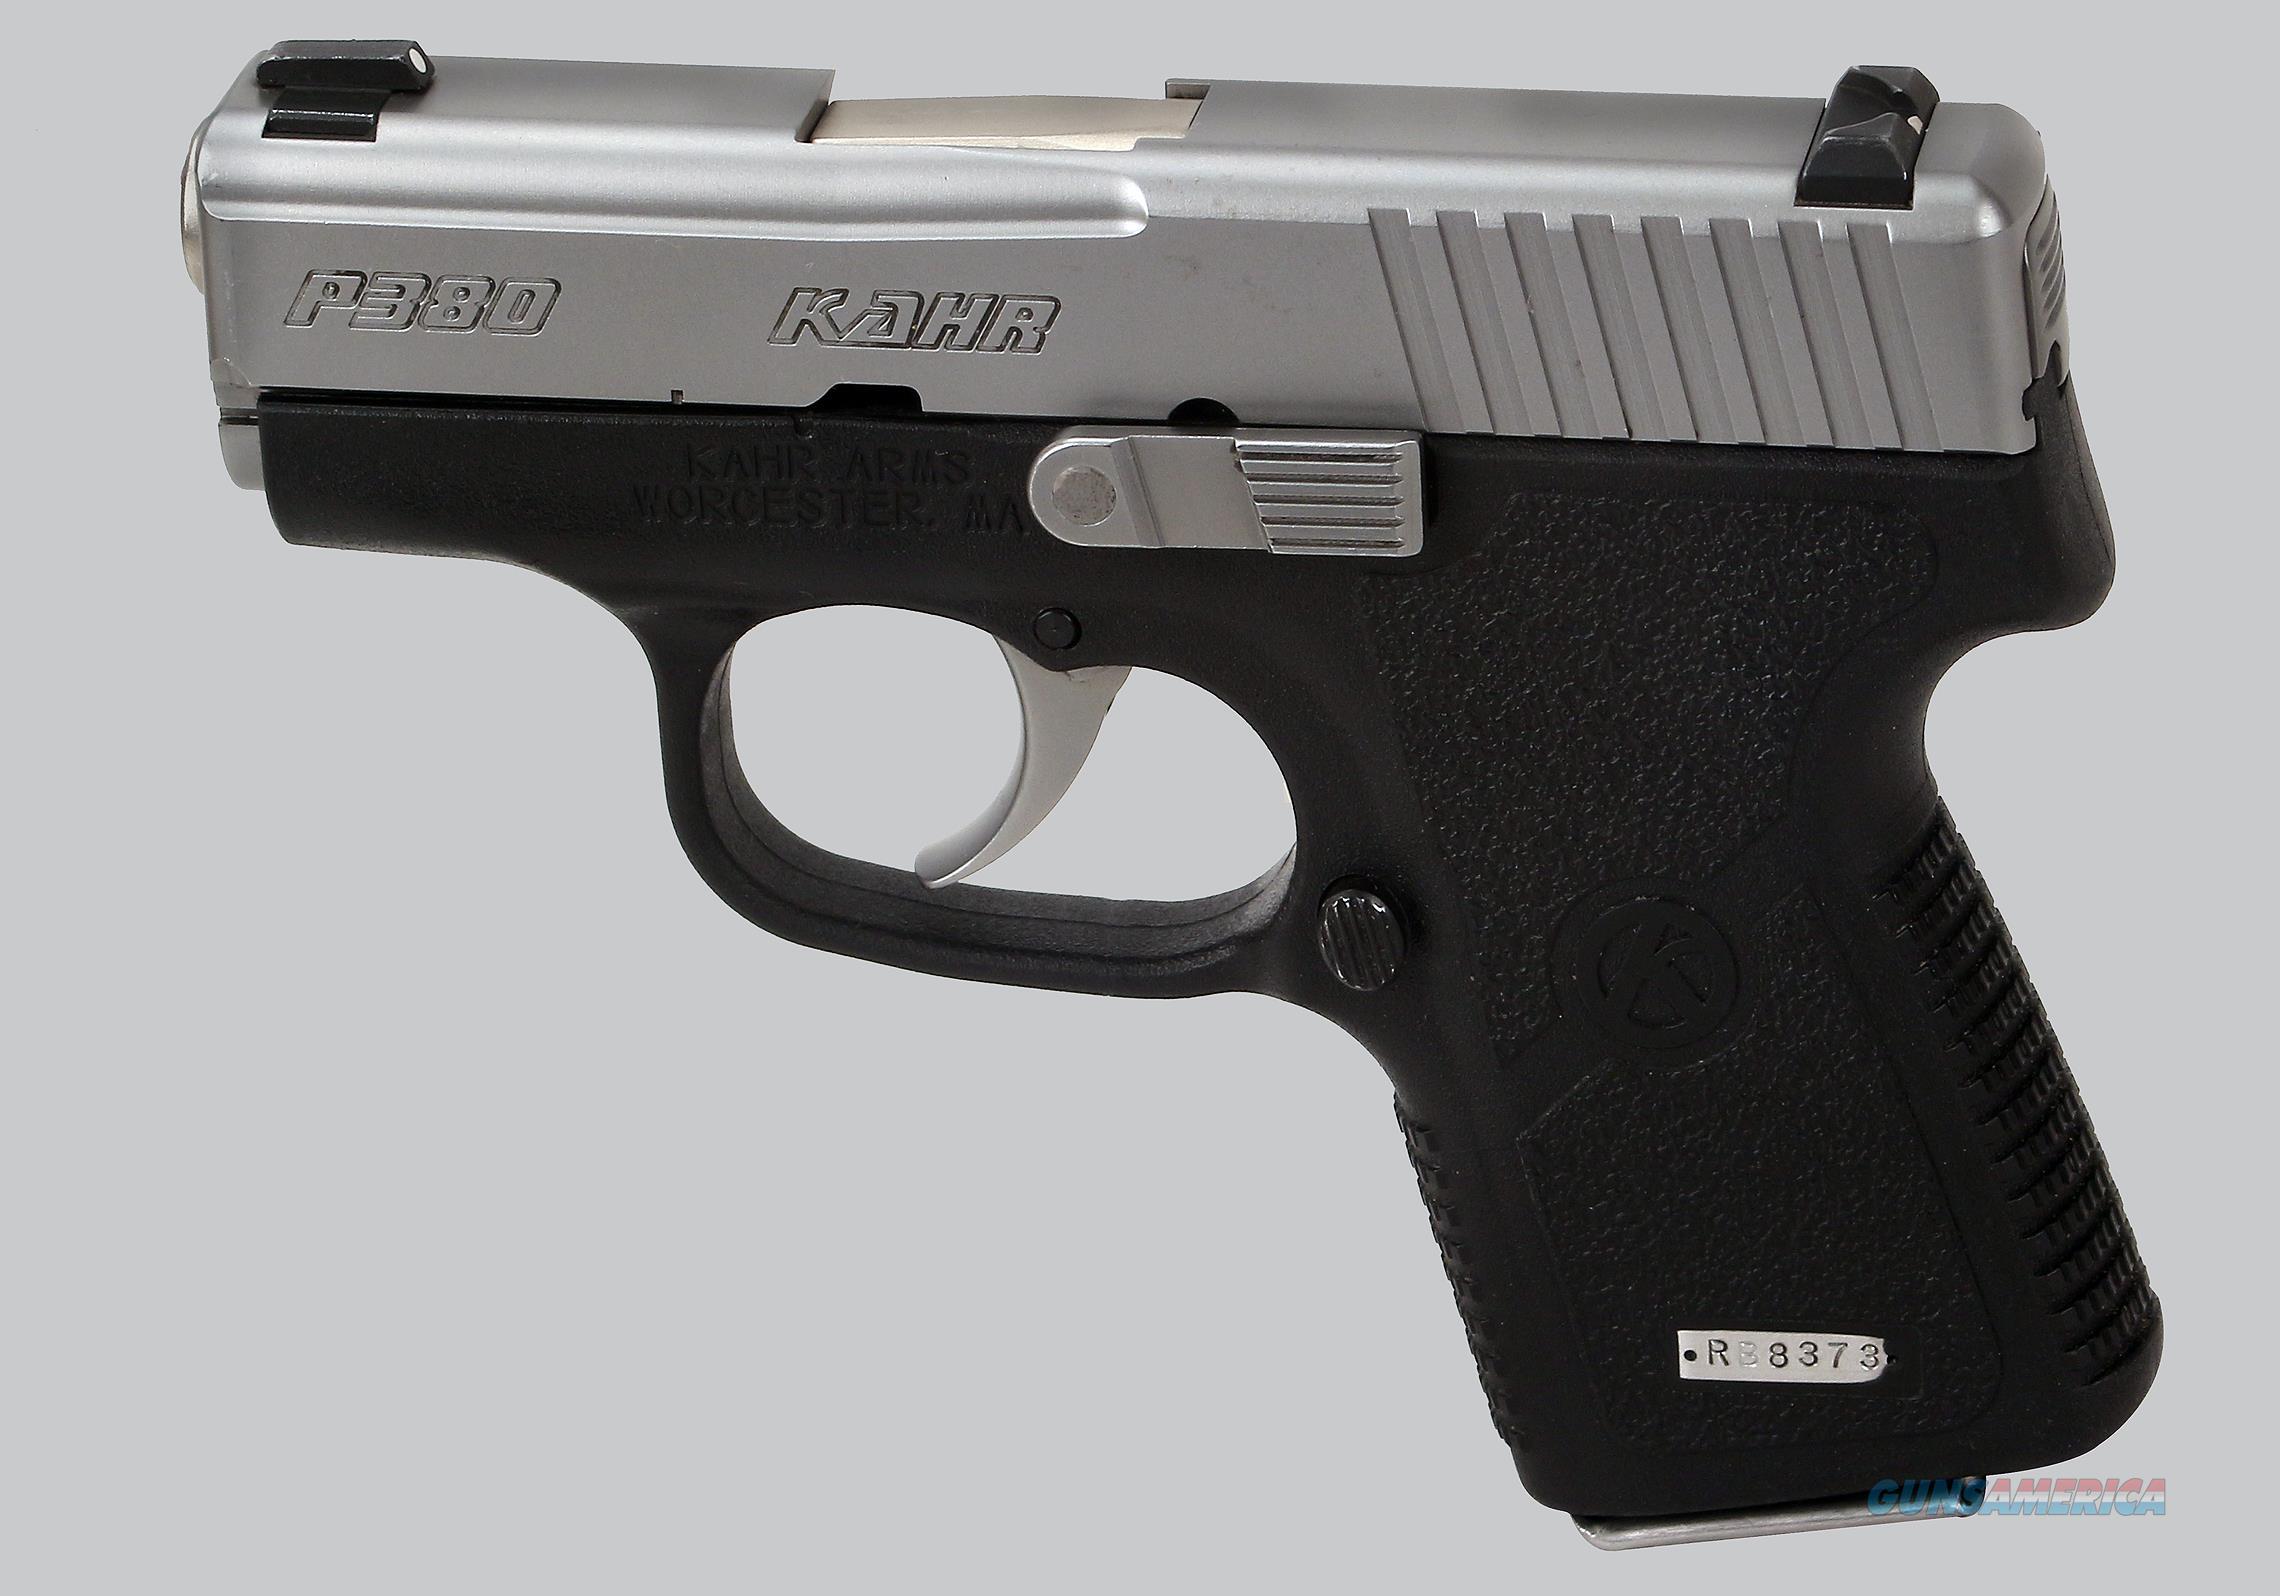 Kahr Arms 380acp Model P380 Pistol  Guns > Pistols > Kahr Pistols